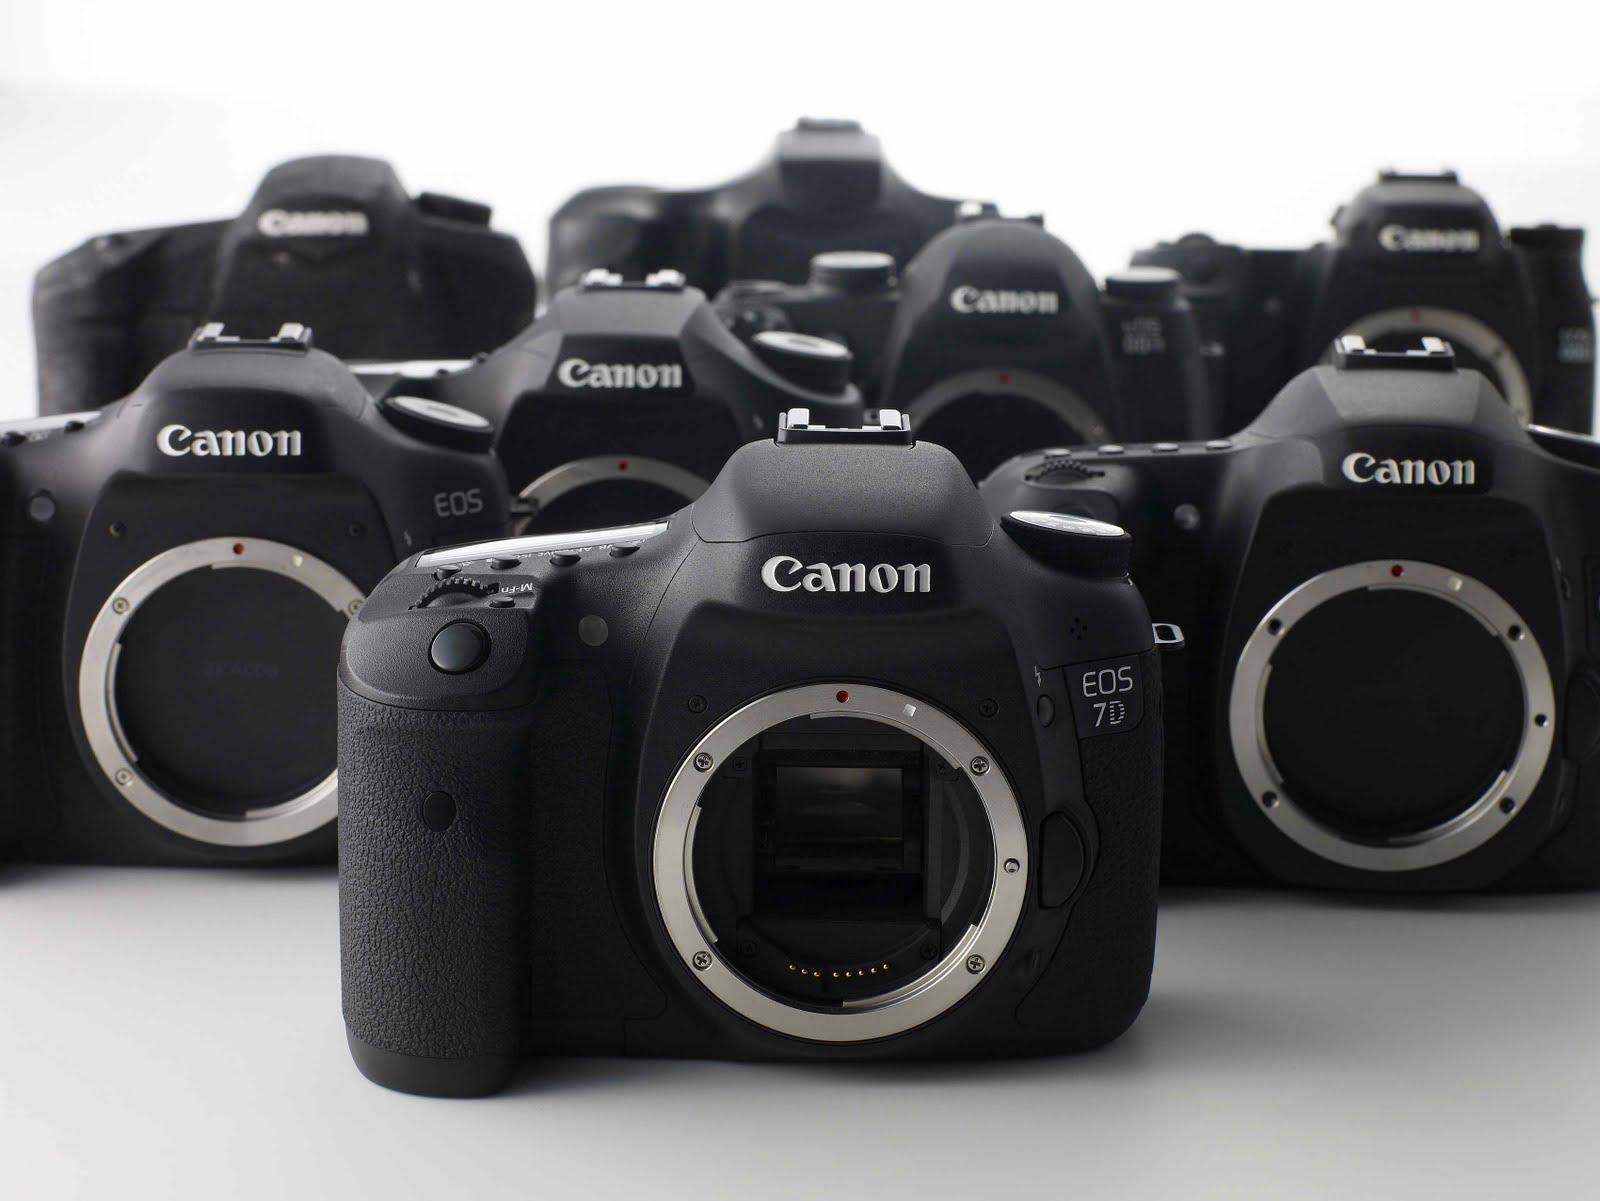 Canon annonce la fin des développements de boitiers reflex et mirroless car les photographes sont trop mauvais